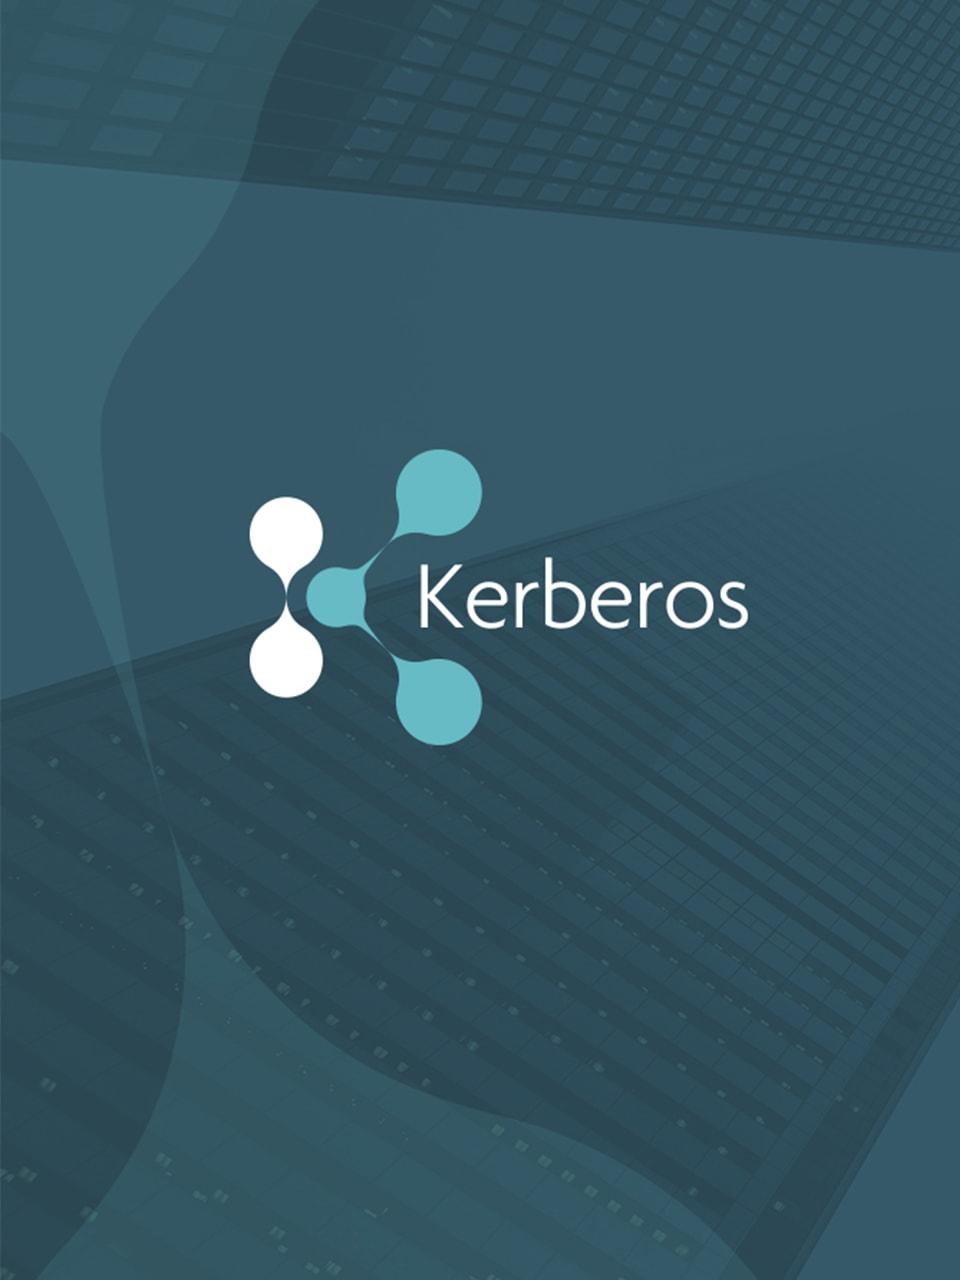 kerberos_mobile - Natie Branding Agency